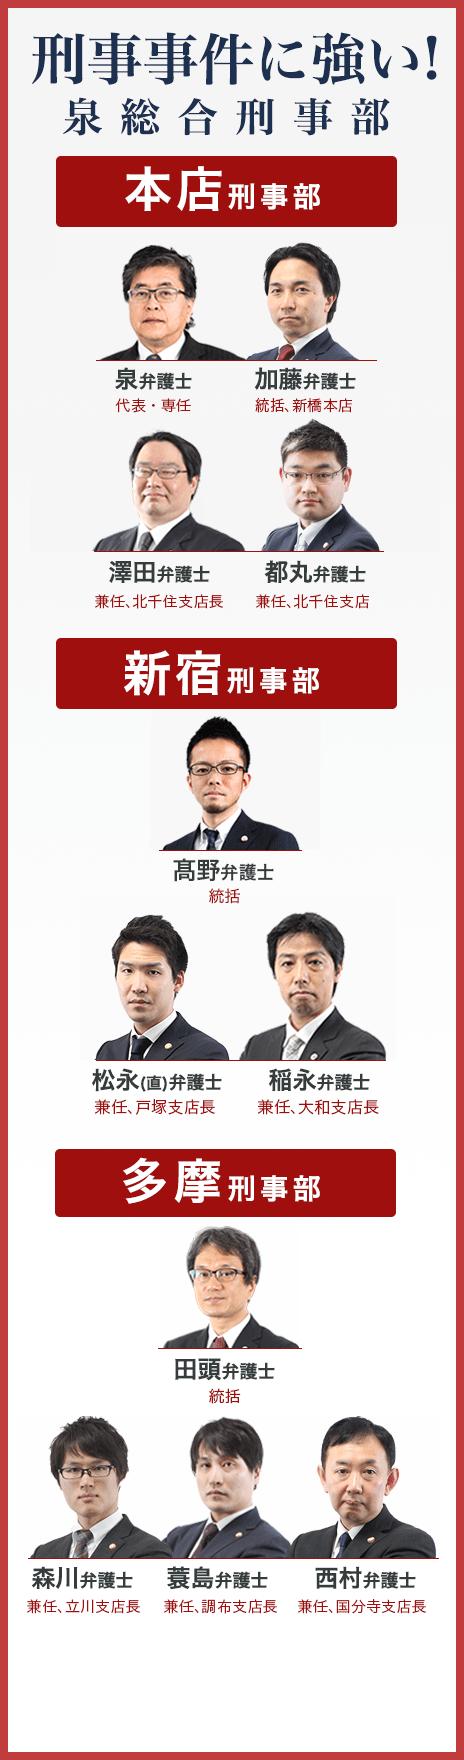 弁護士法人泉総合法律事務所刑事部